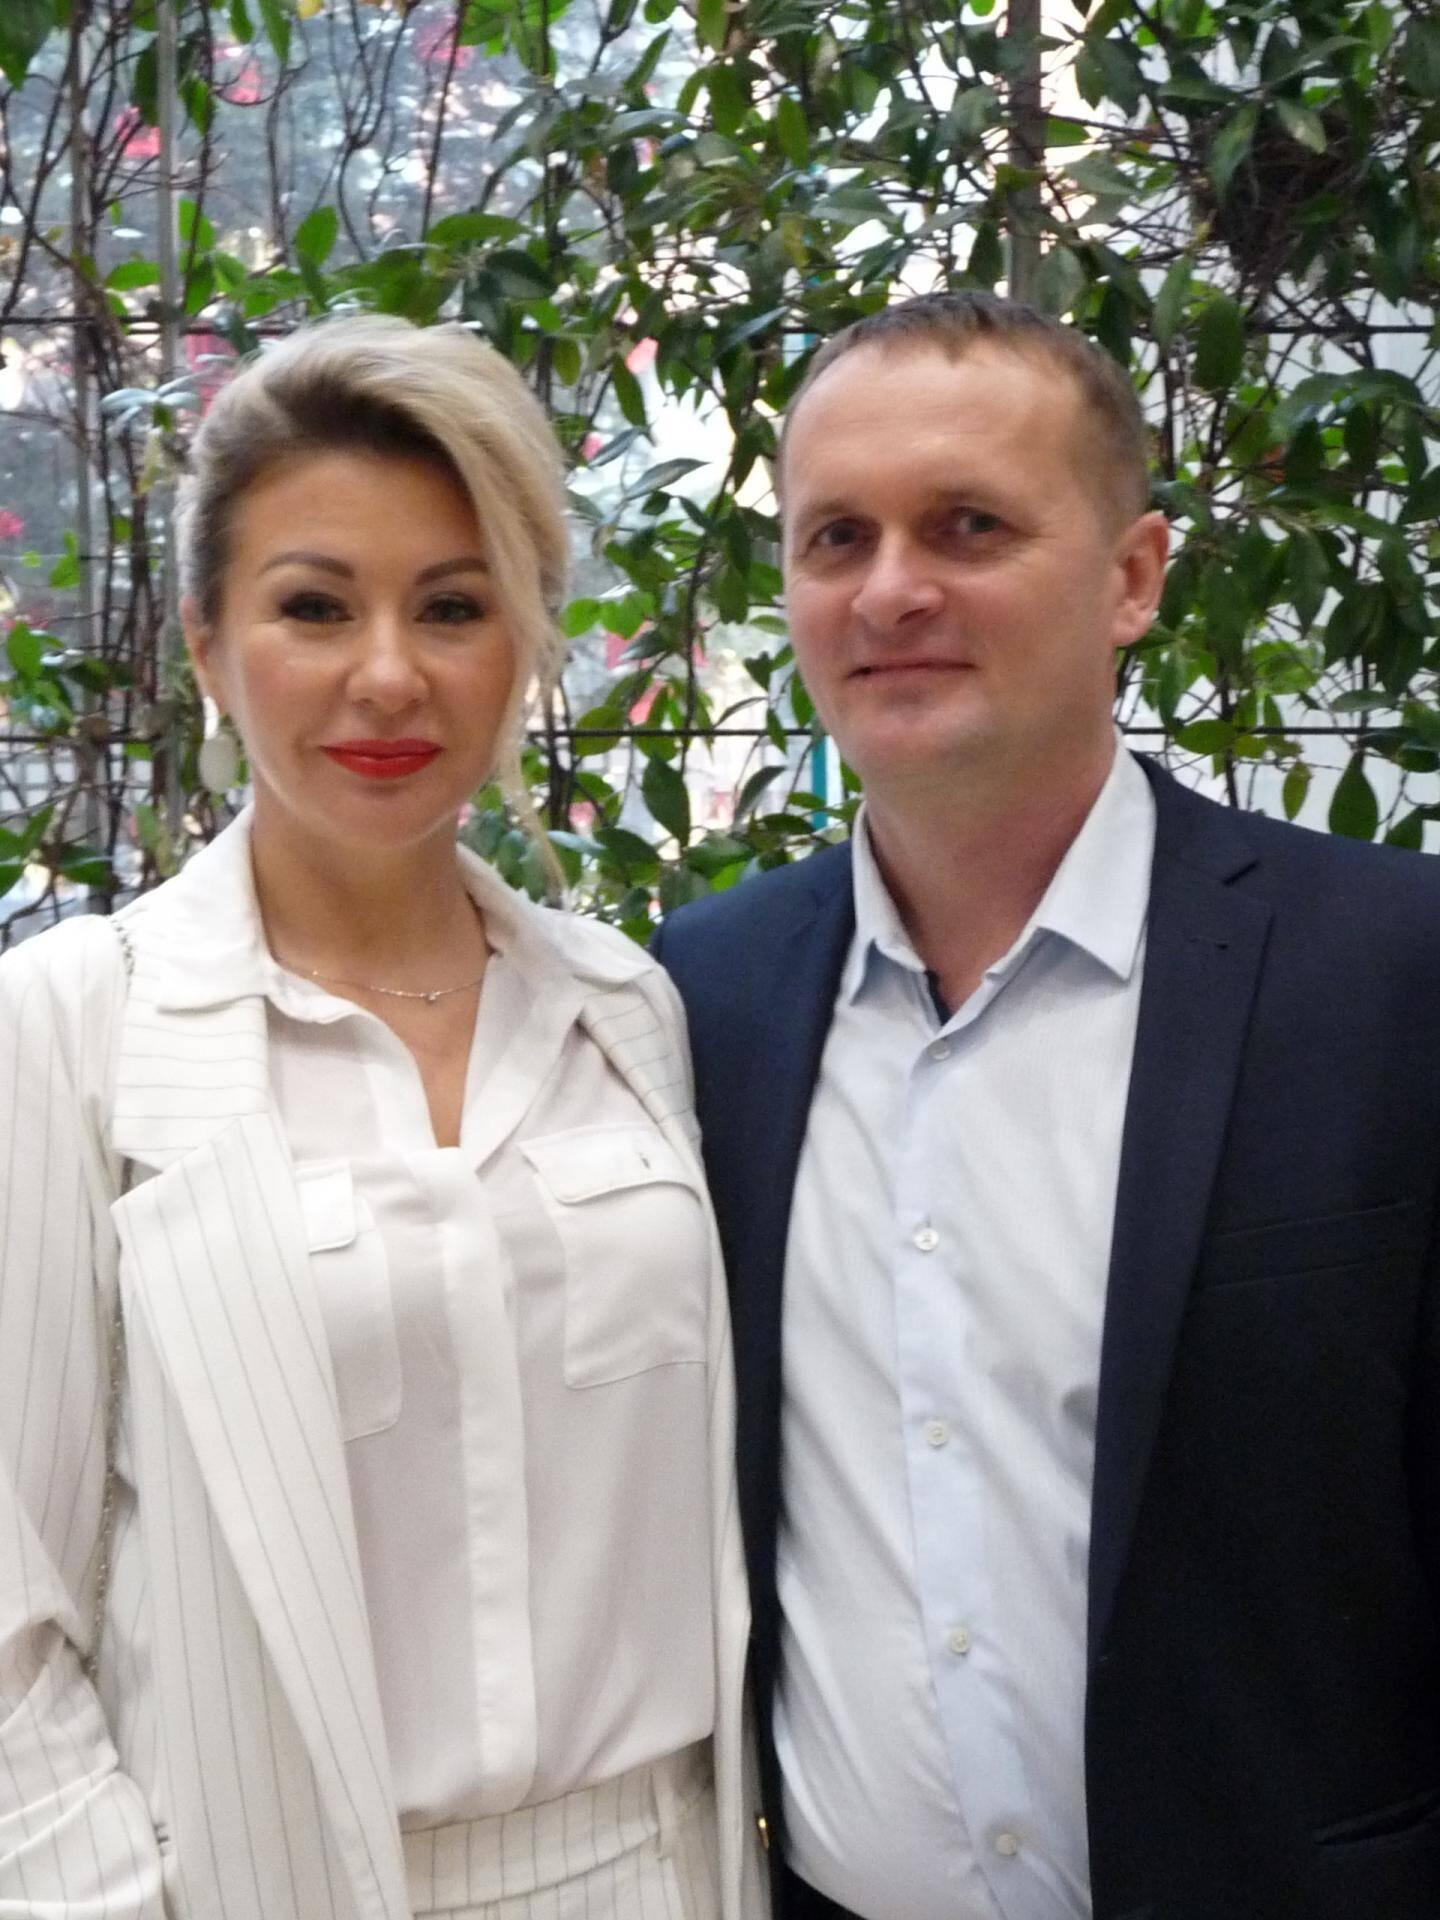 Andrei Pascaluta et Tatiana Kabanovskaia, chefs d'entreprise.